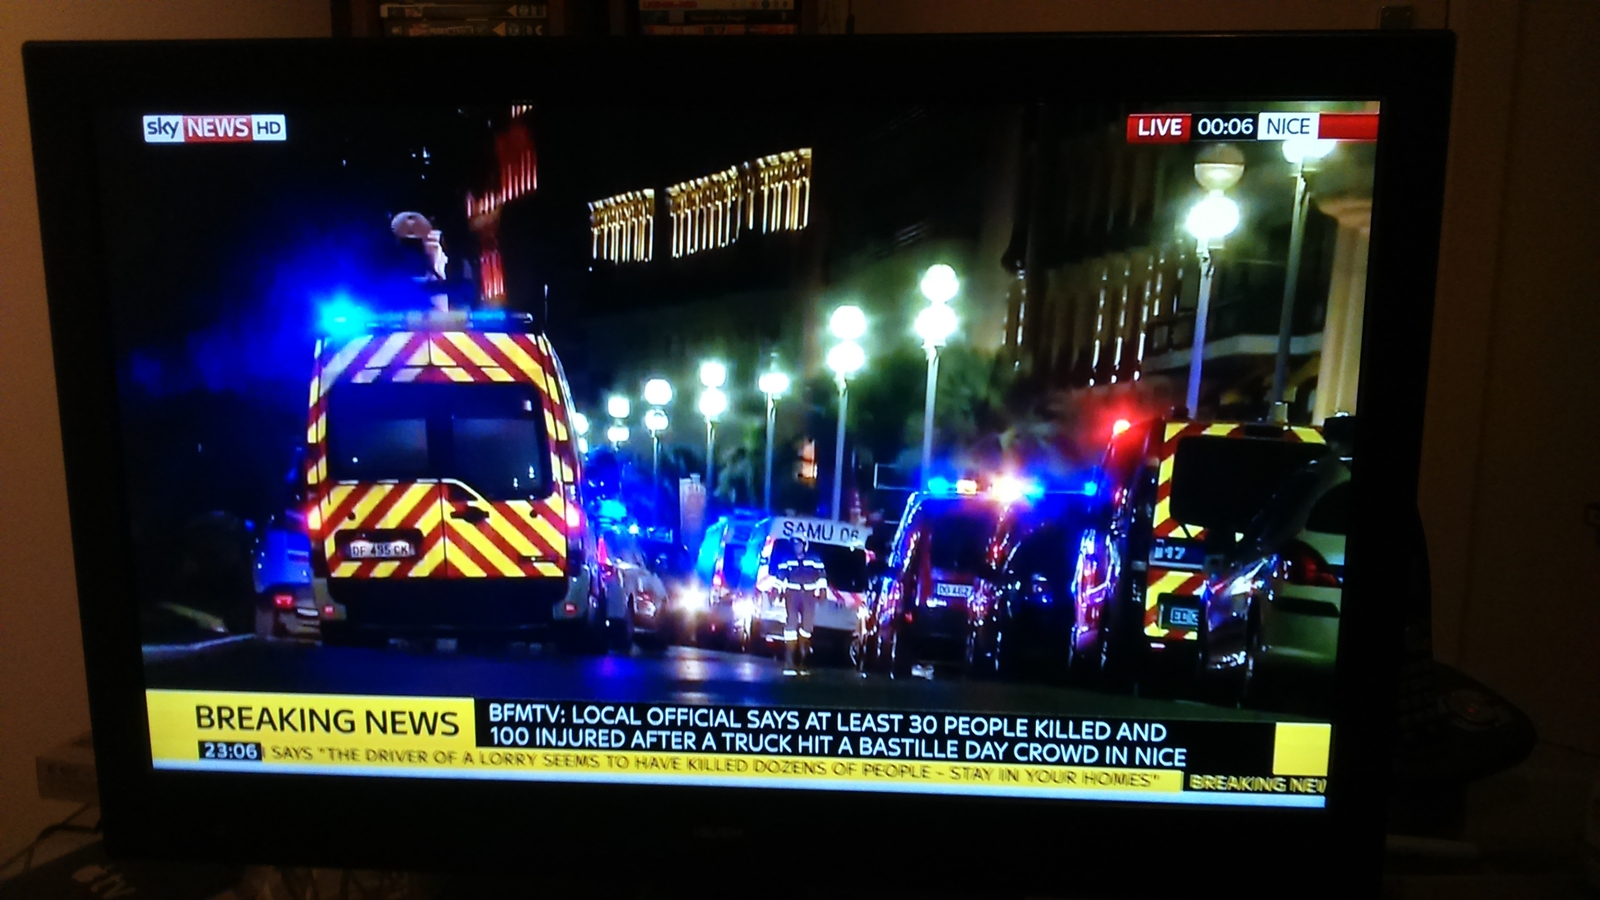 Terror på tv: Dekning av angrepet i Nice 14. juli 2016 på Sky News.